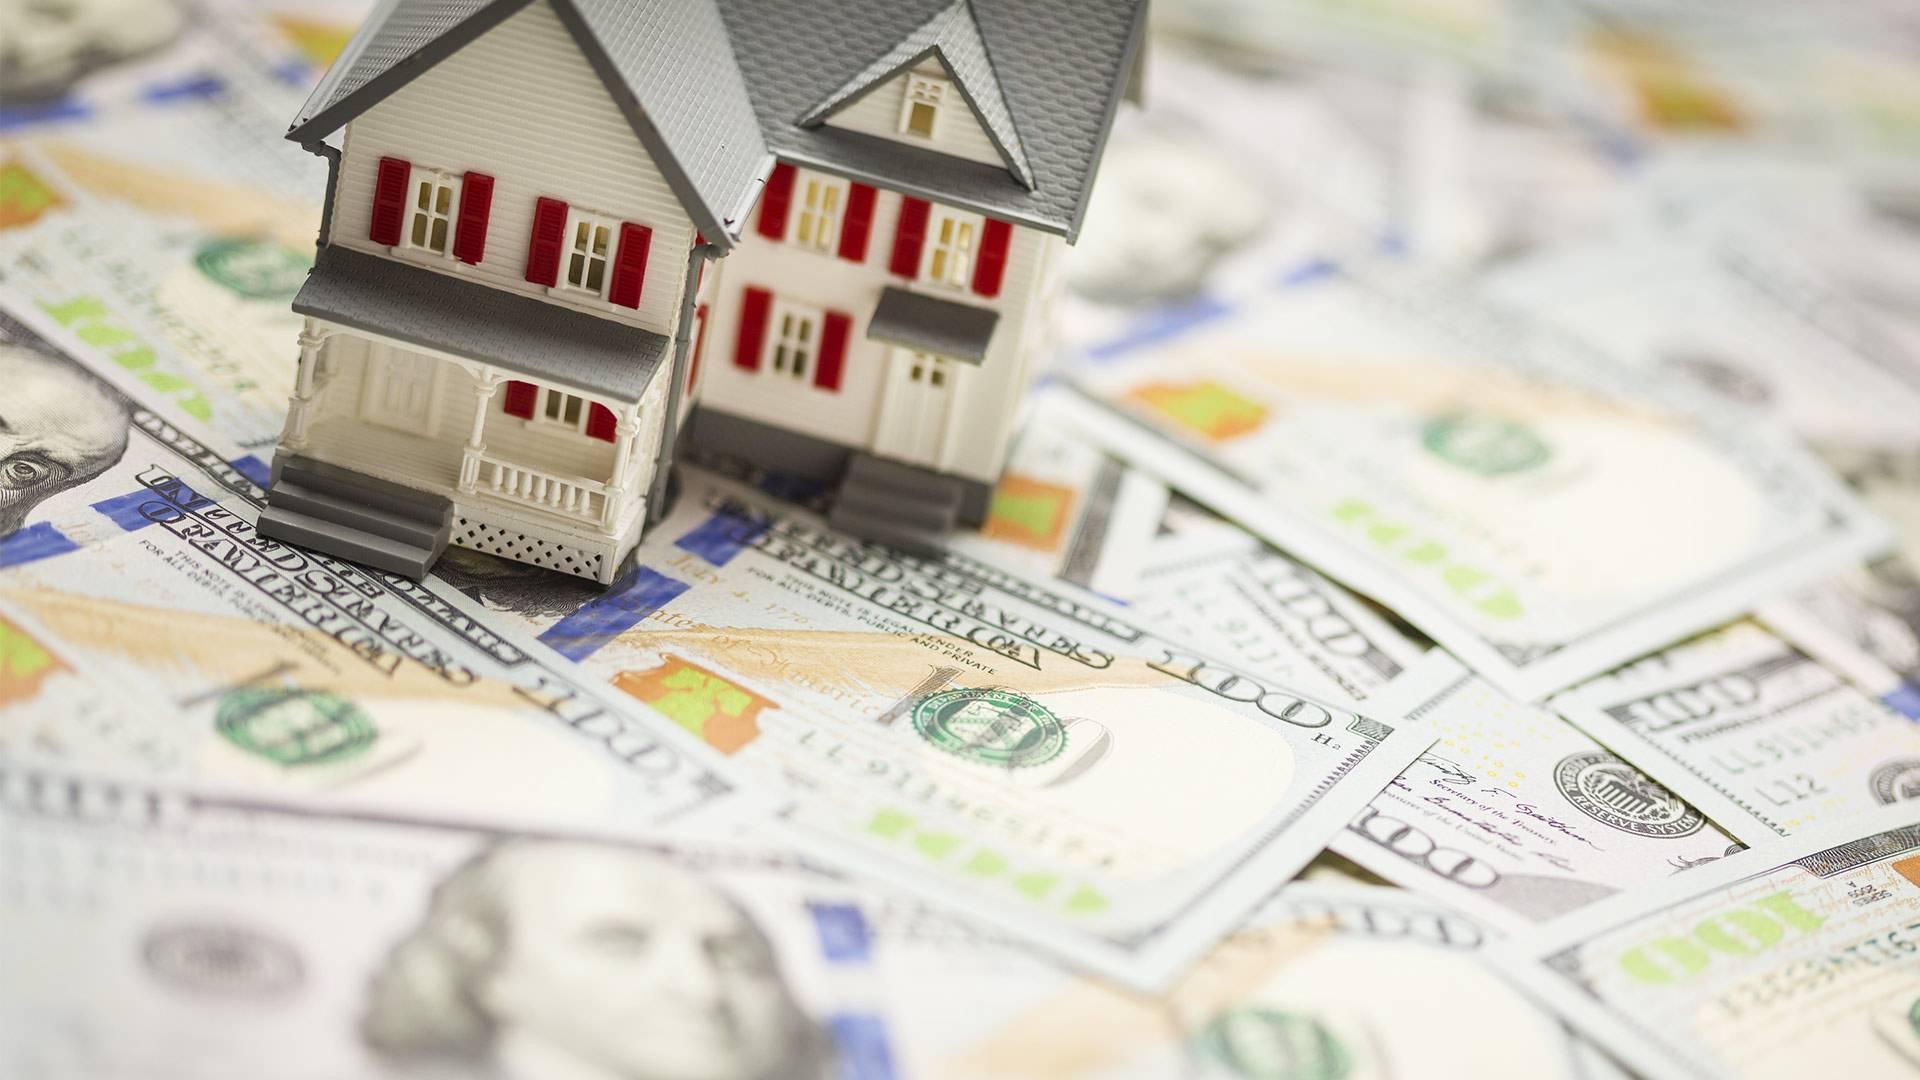 Гражданство или вид на жительство (внж) германии за инвестиции или покупку недвижимости для россиян